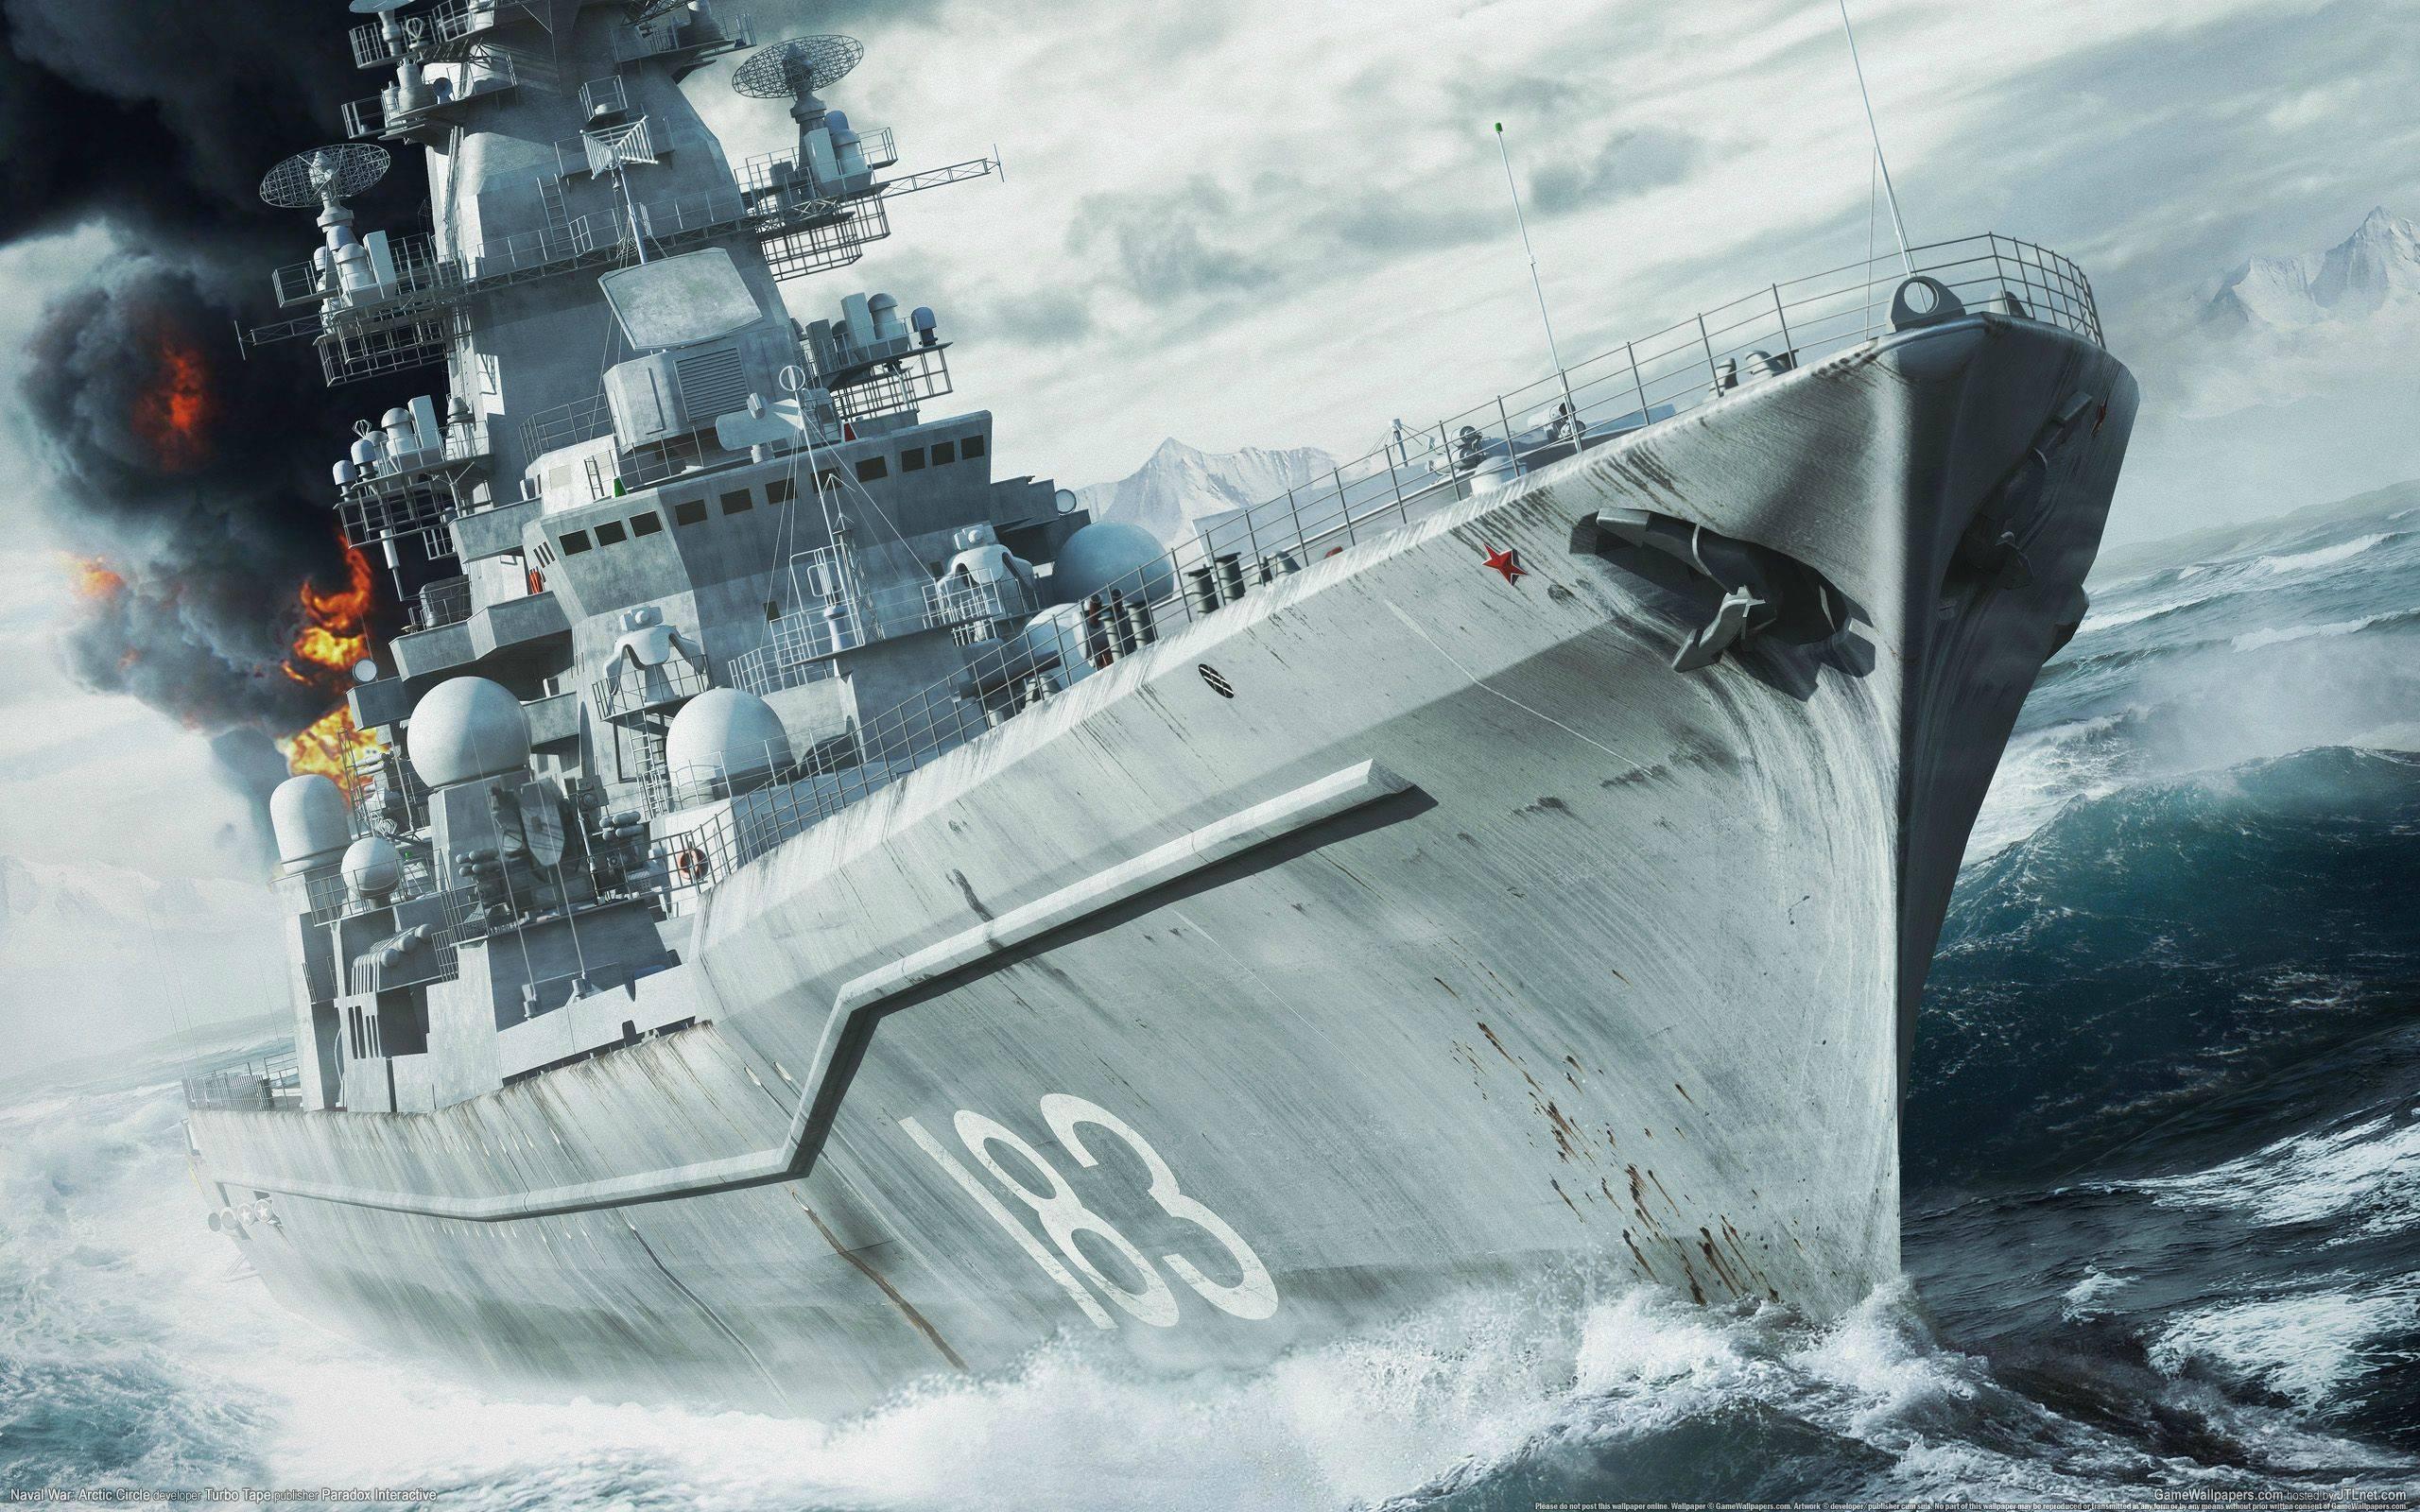 обои на рабочий стол военные корабли россии 1920х1080 № 253221  скачать